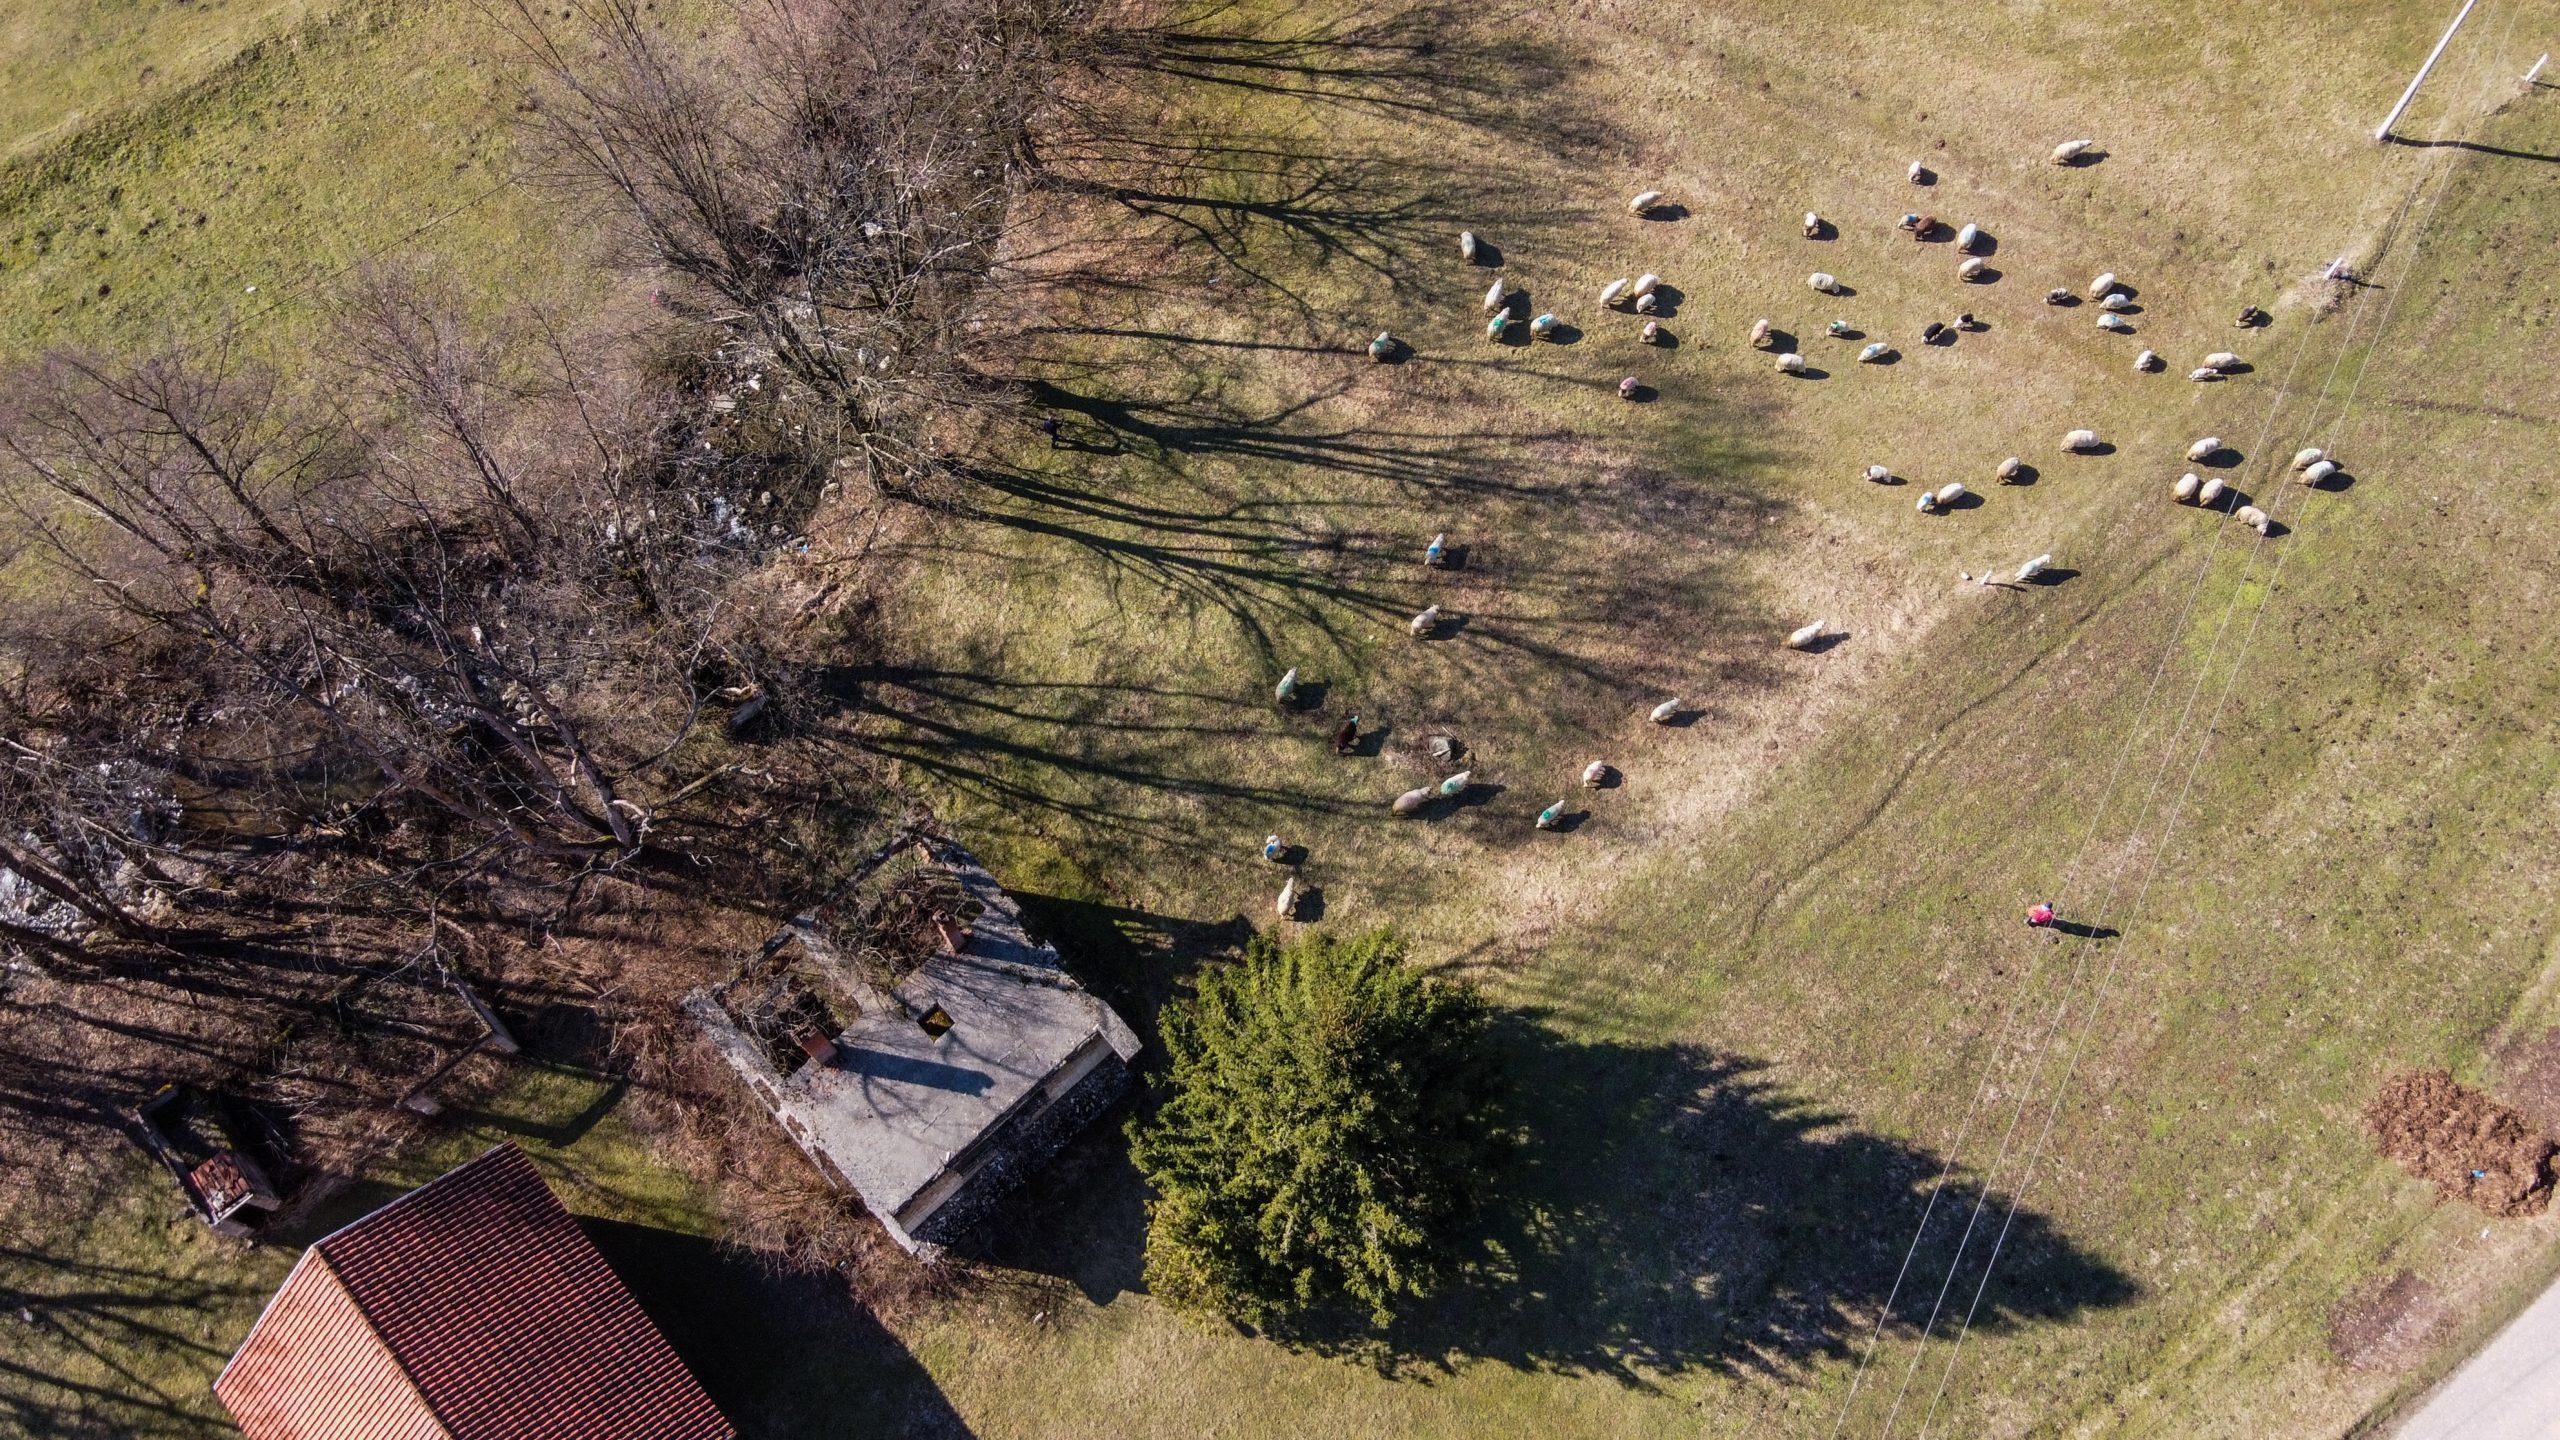 Cancari Road 1 - Drone